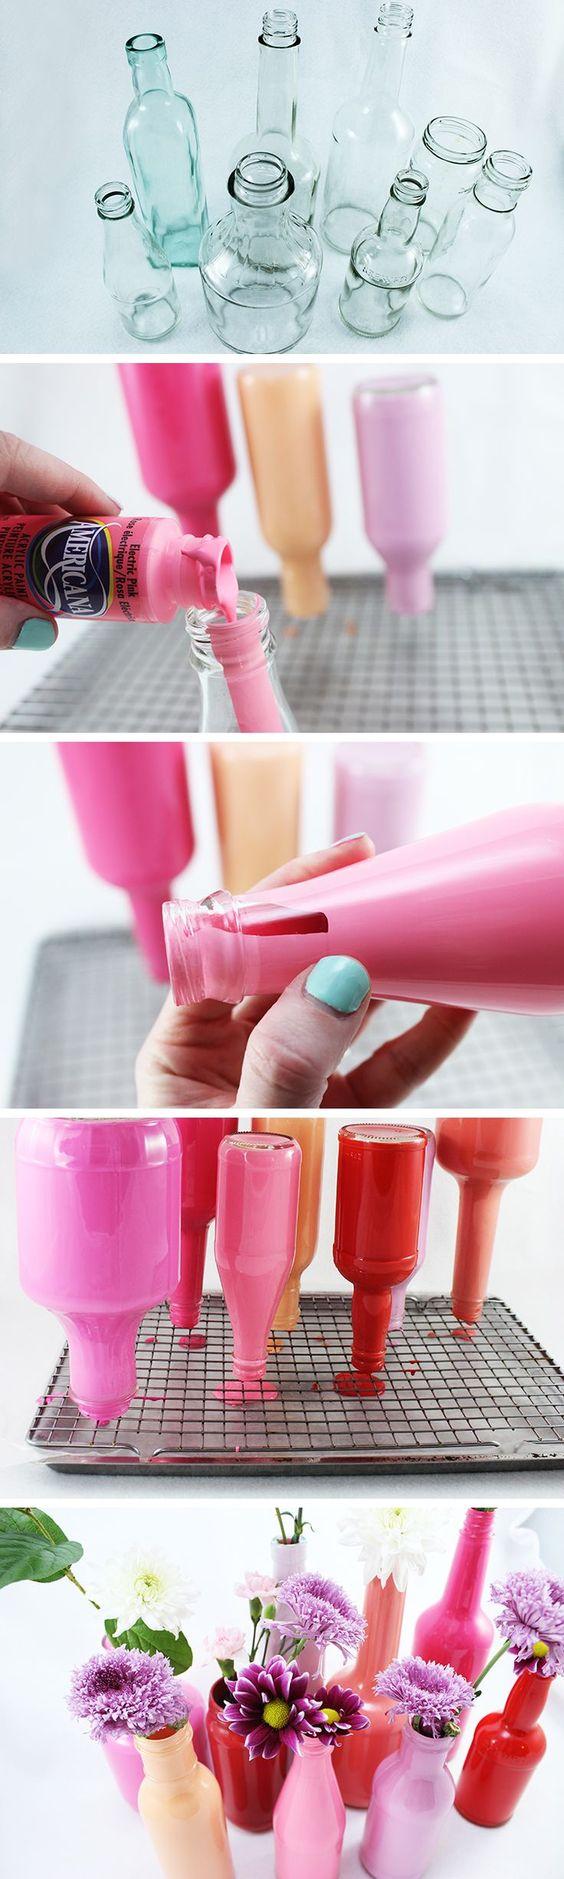 DIY Painted Bottles: